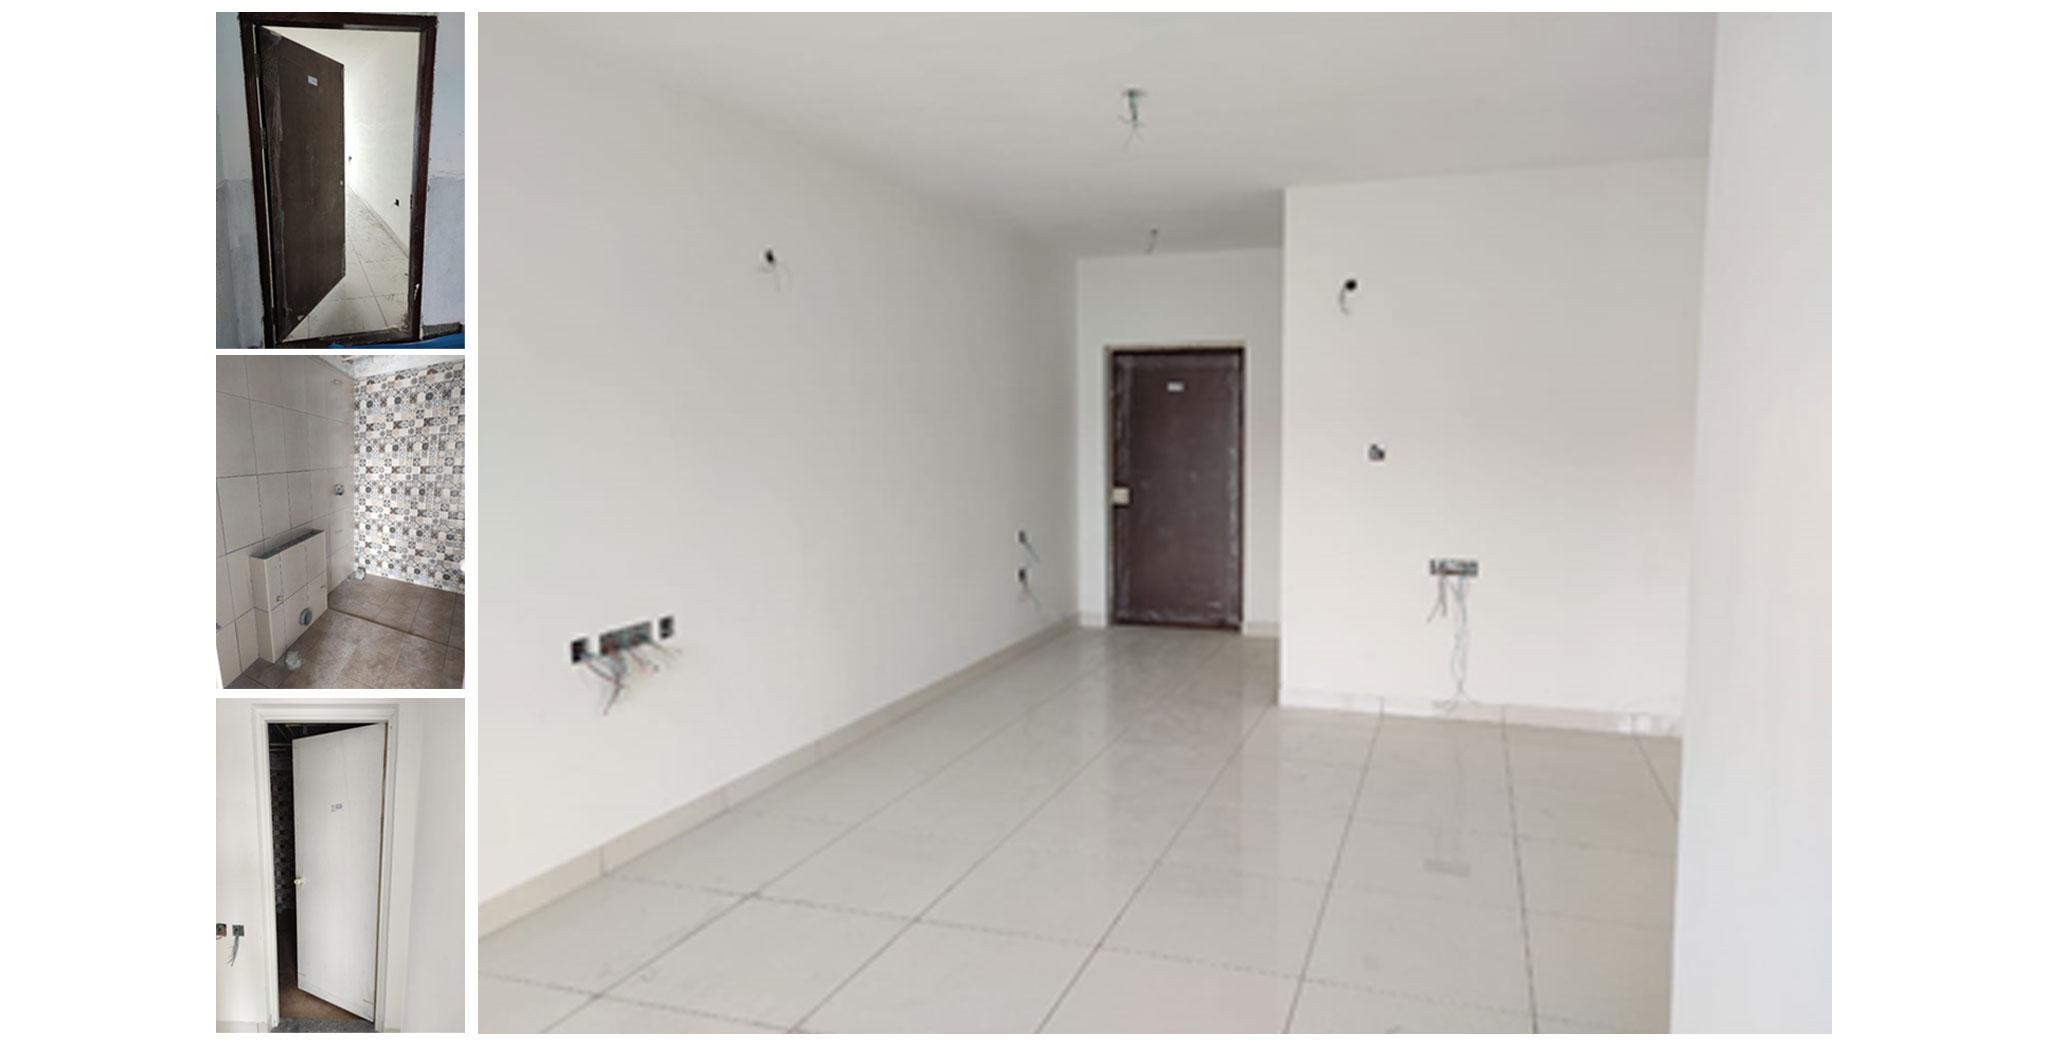 Jul 2021 - Internal flats